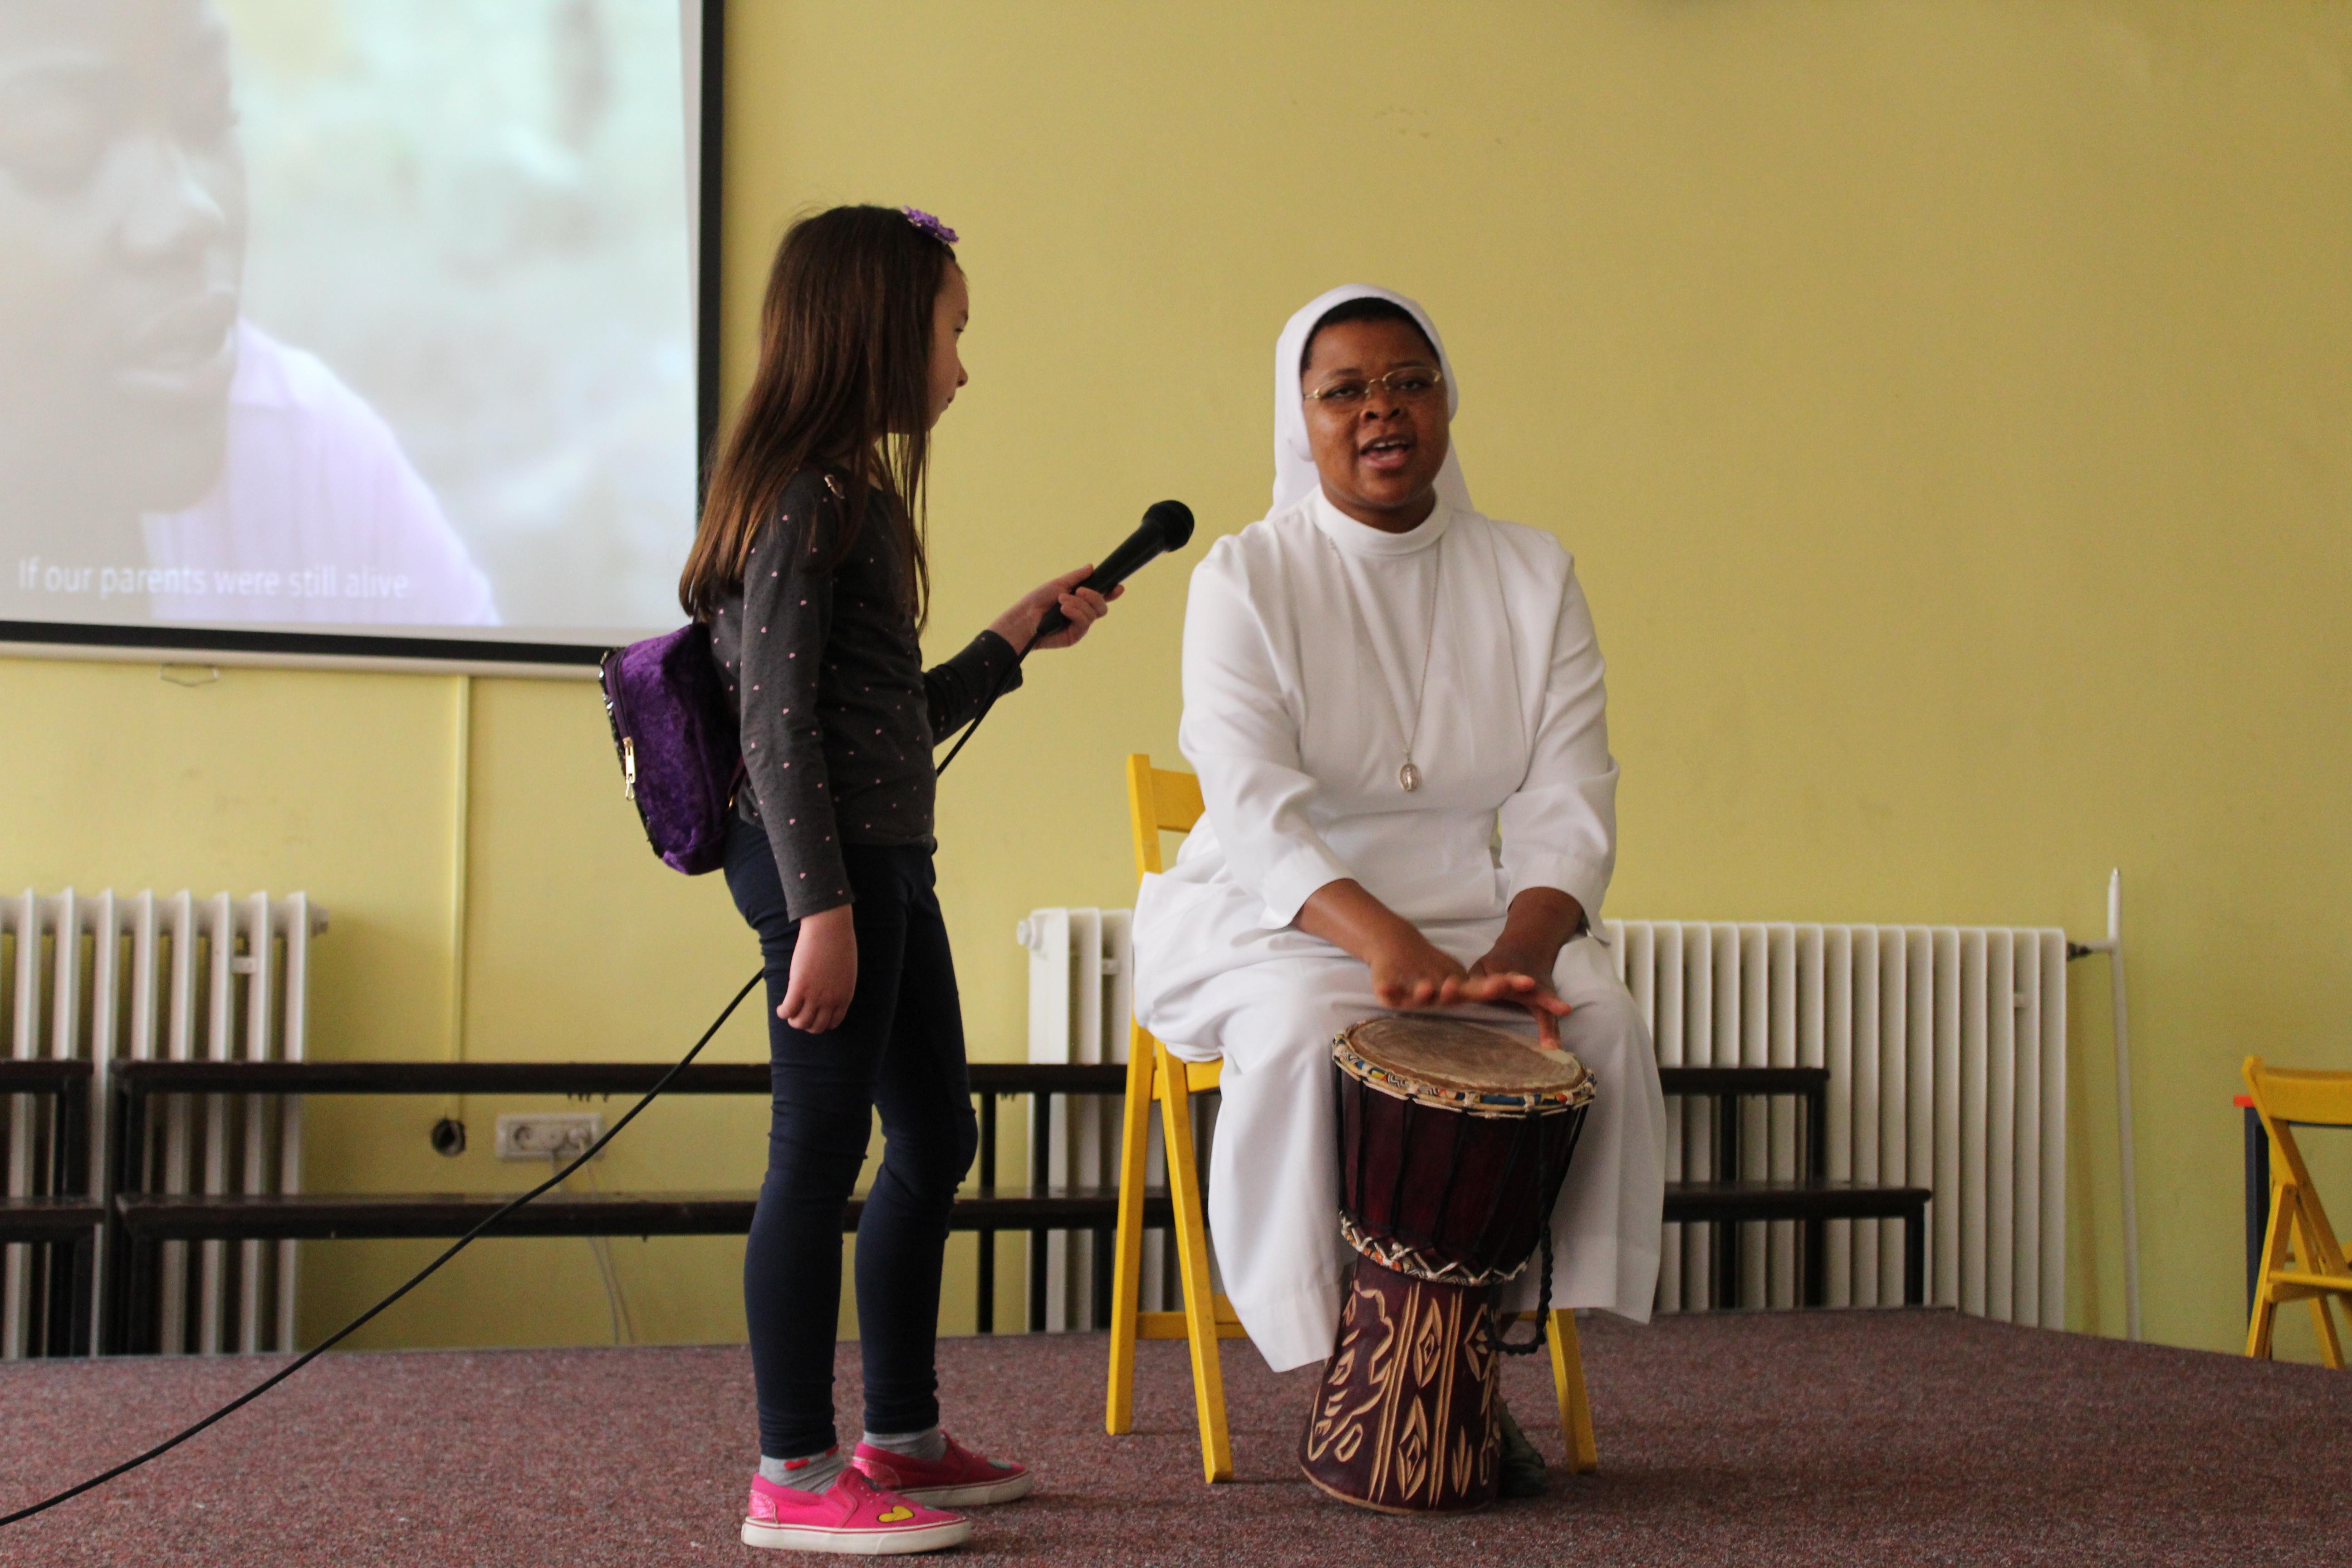 prevesti upoznavanje na afrički 14:00 izlazi 2014